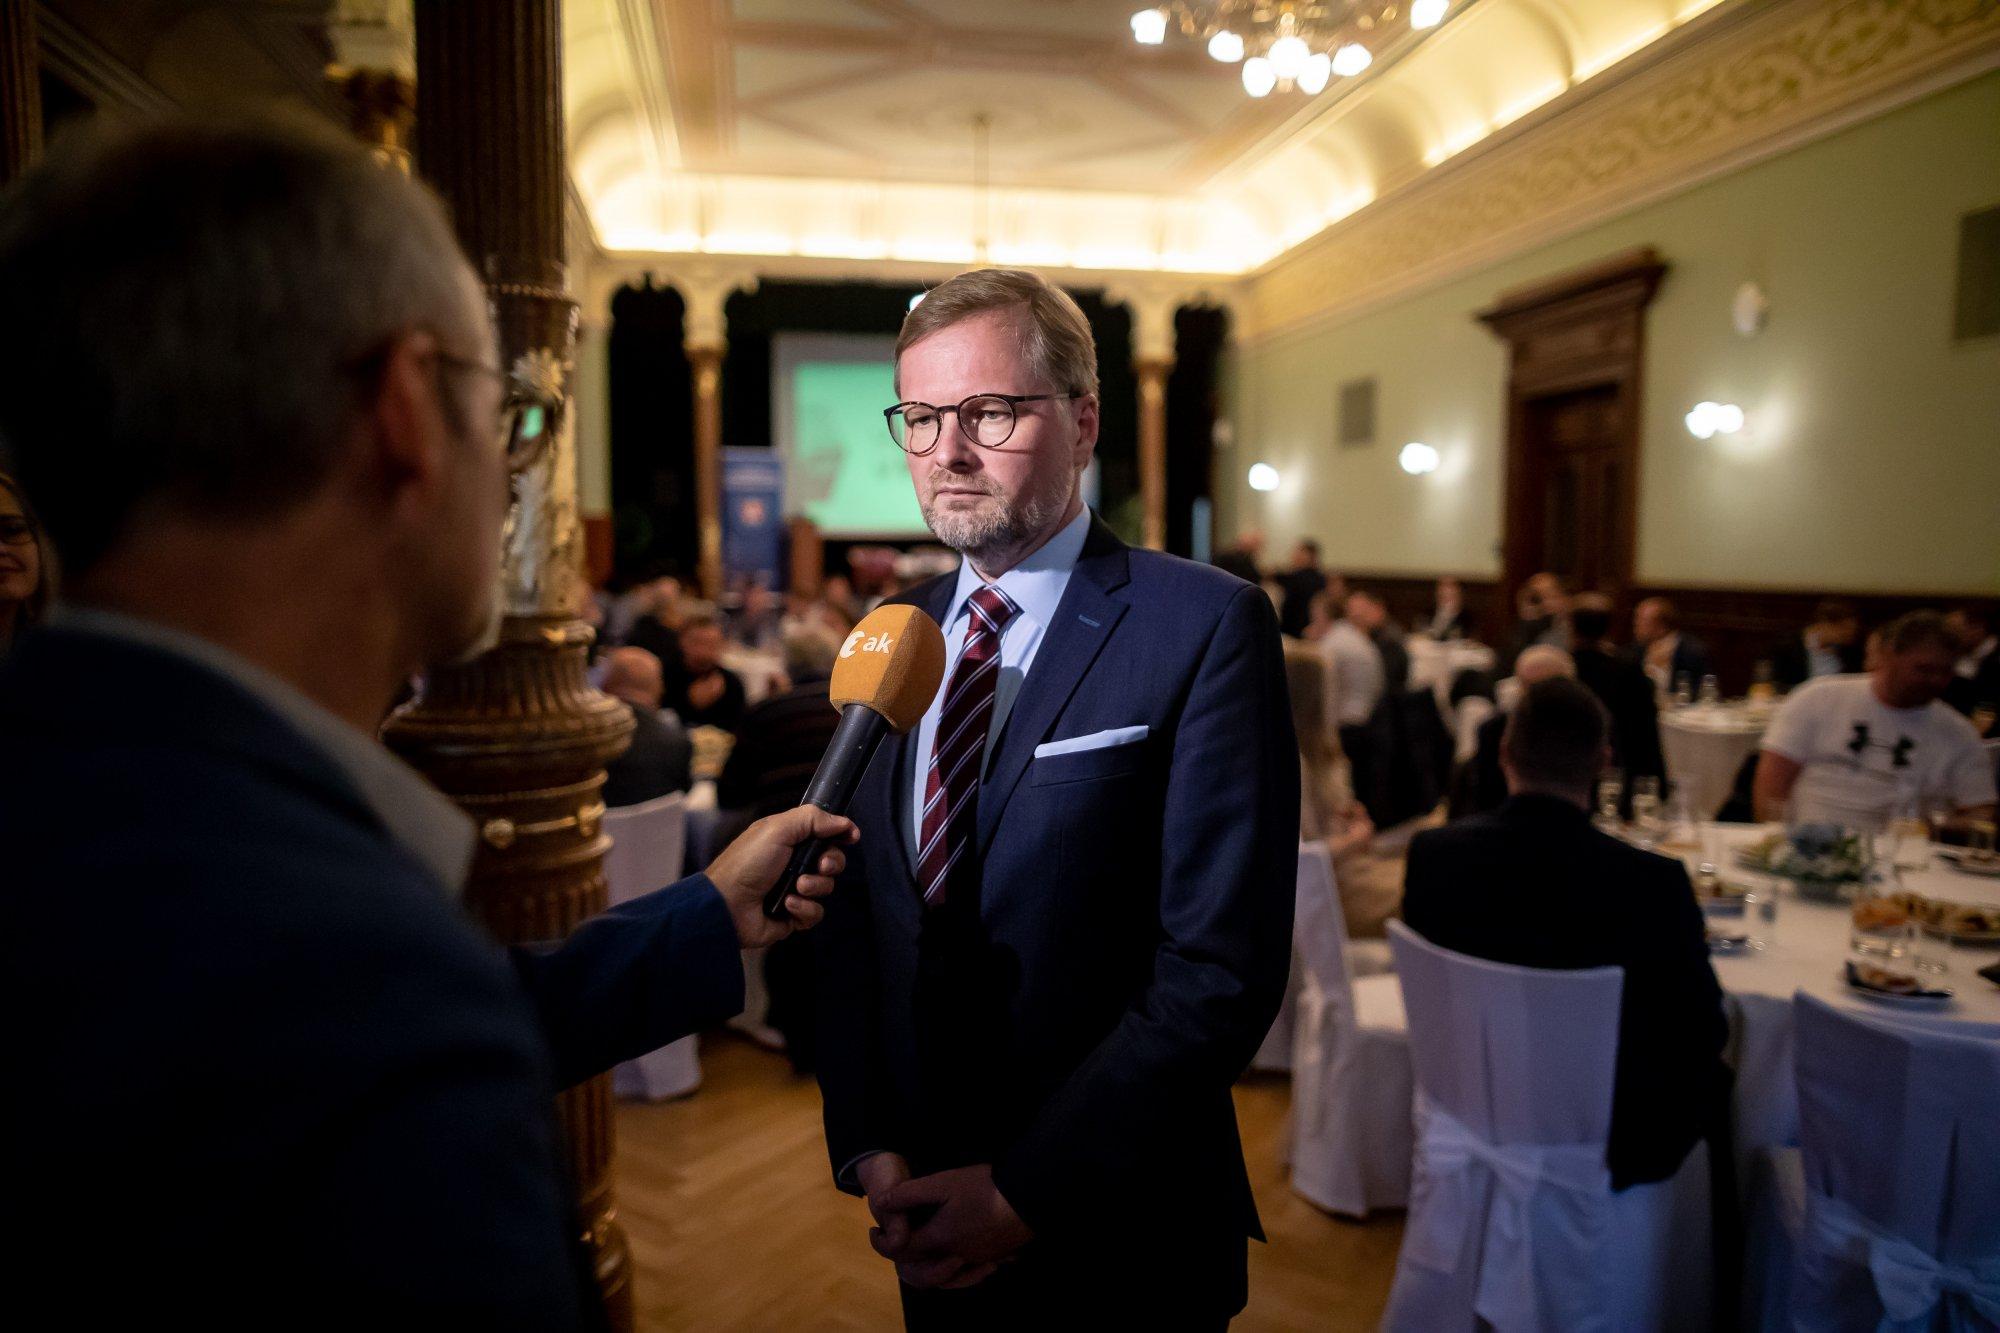 Petr Fiala: Vláda nemůže závěry NKÚ přehlížet, problém chceme řešit na plénu Sněmovny